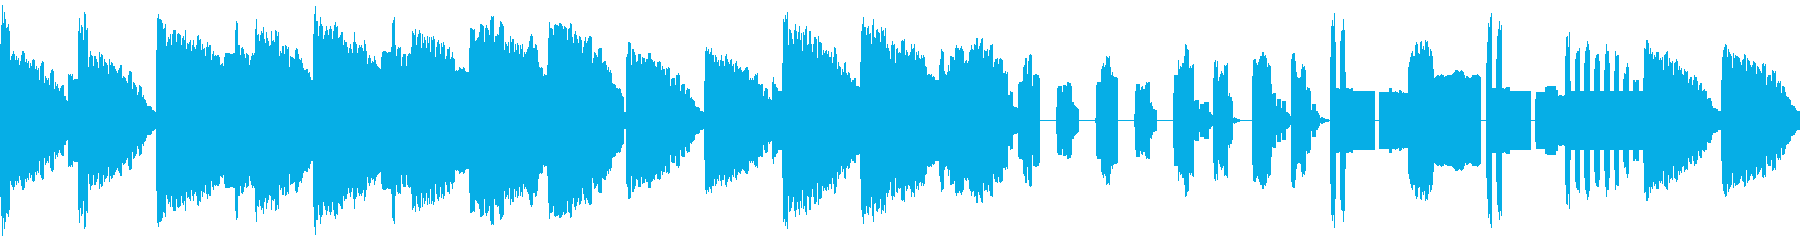 8bit・ループ・RPG・洞窟ダンジョンの再生済みの波形